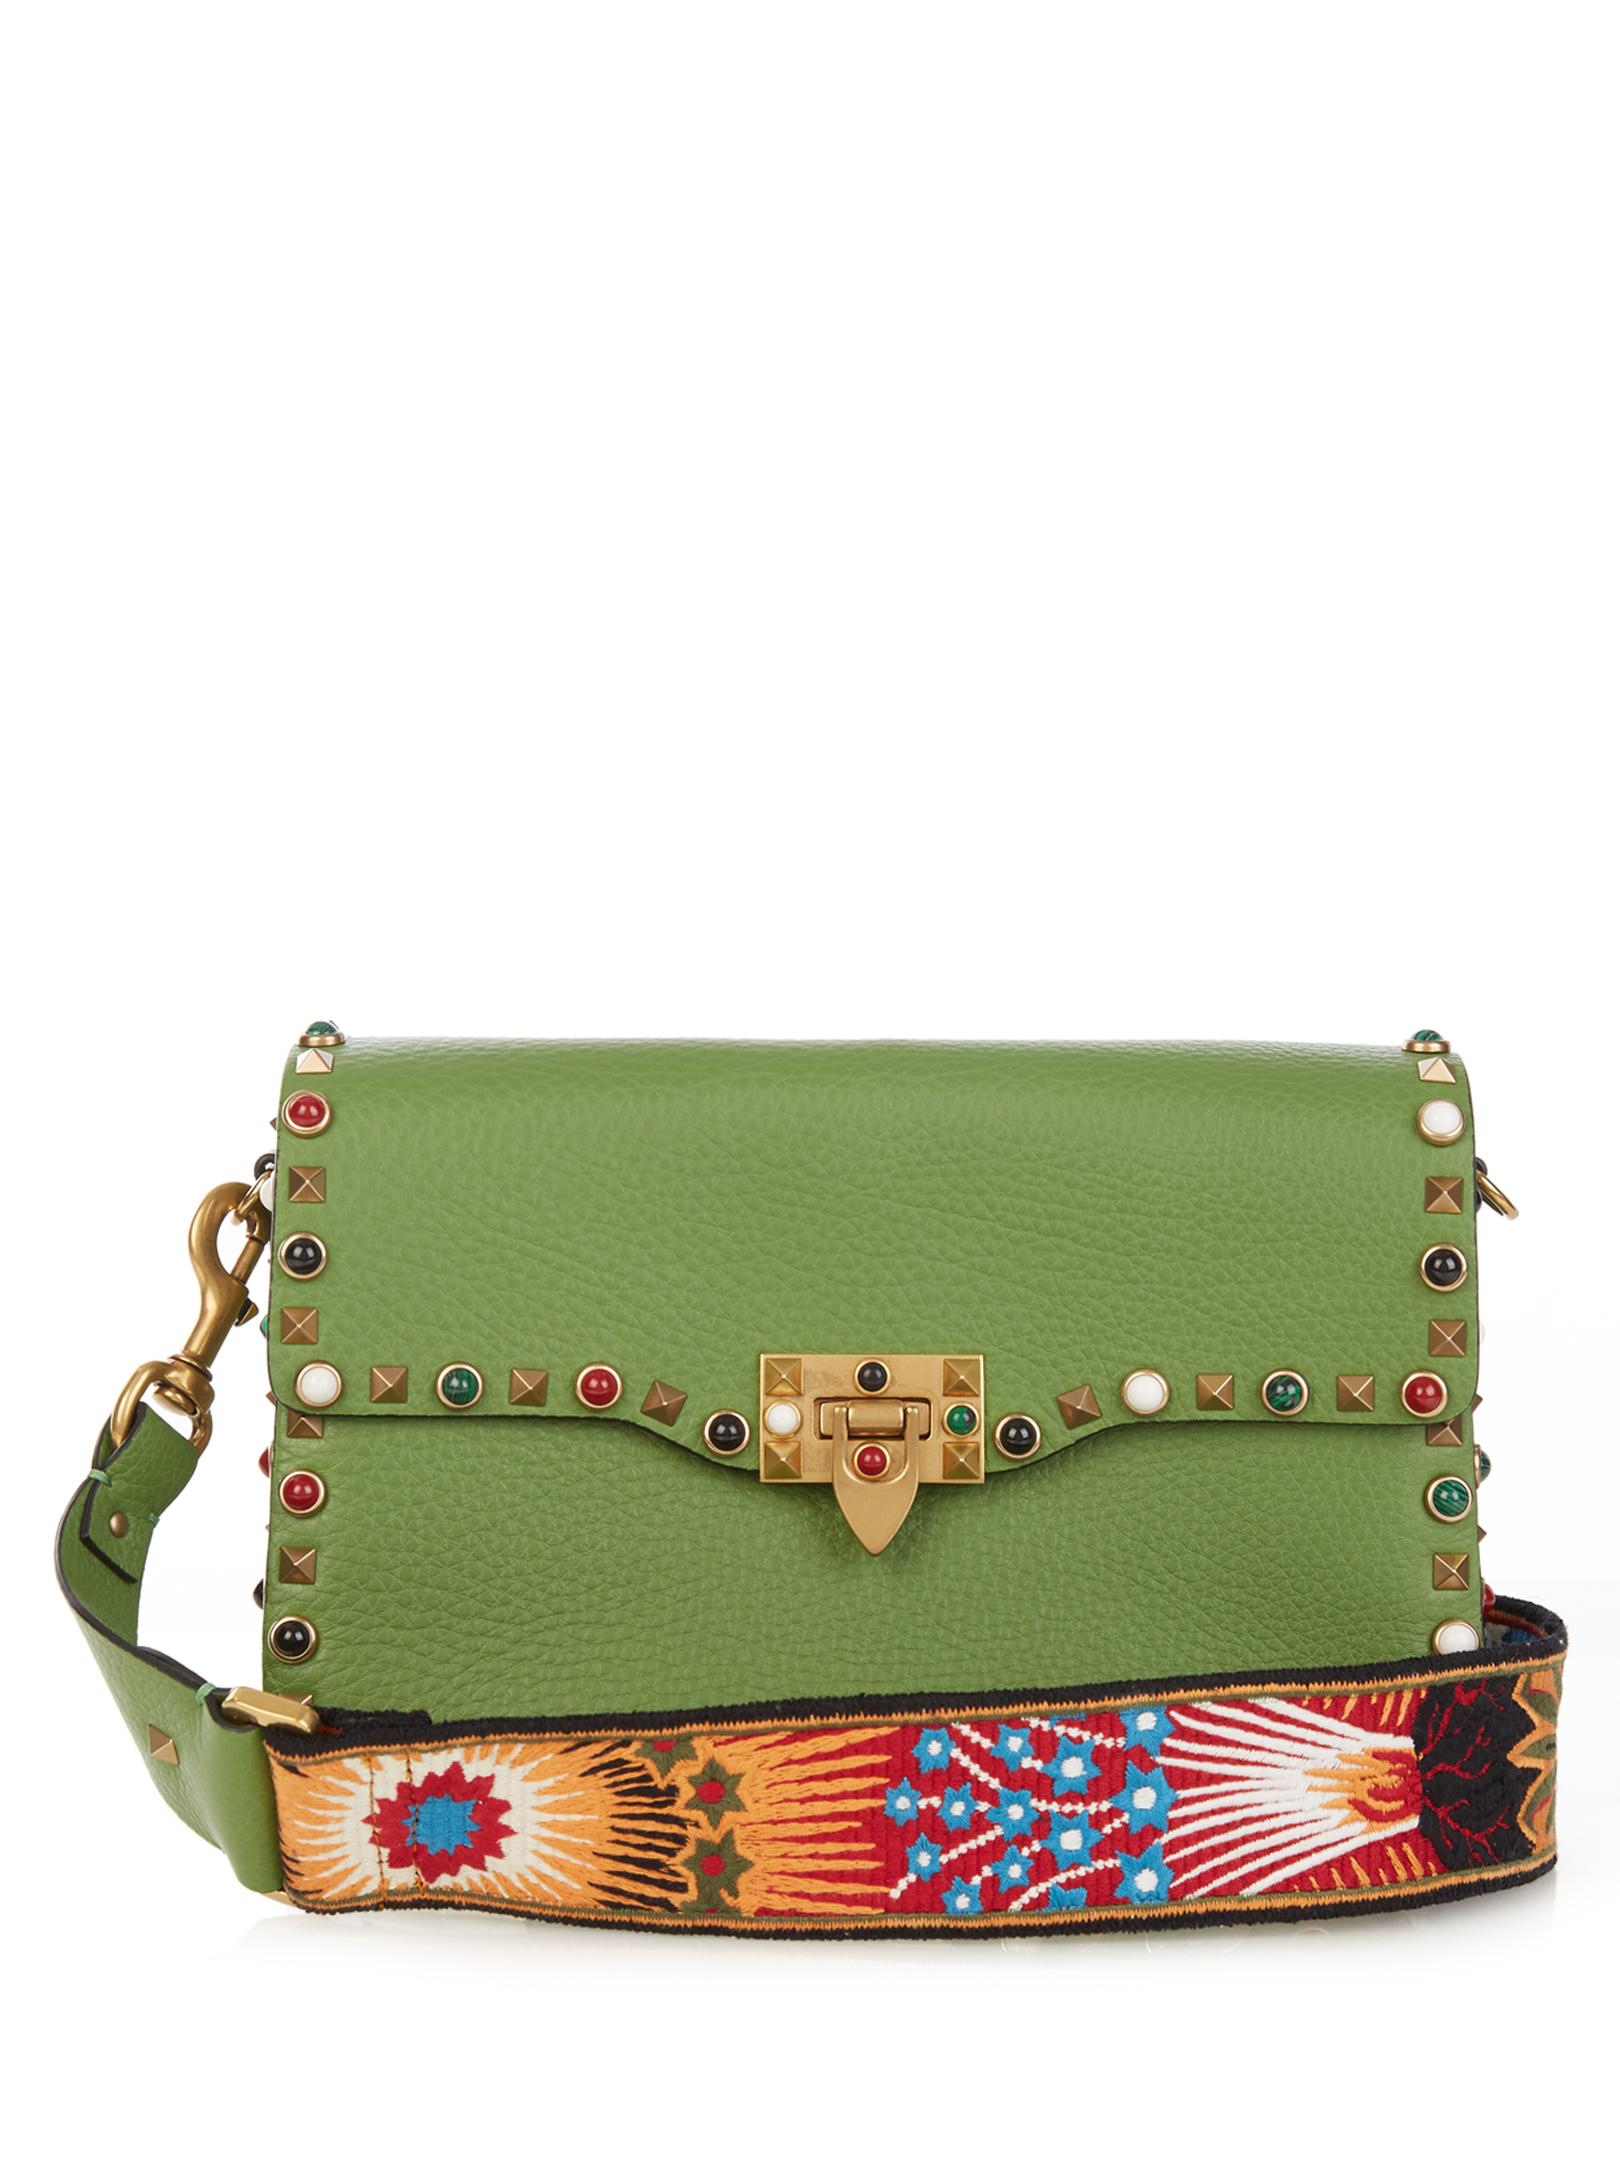 Gagner des sacs de marque : Sac de marque les nouveaux sacs luxe automne hiver